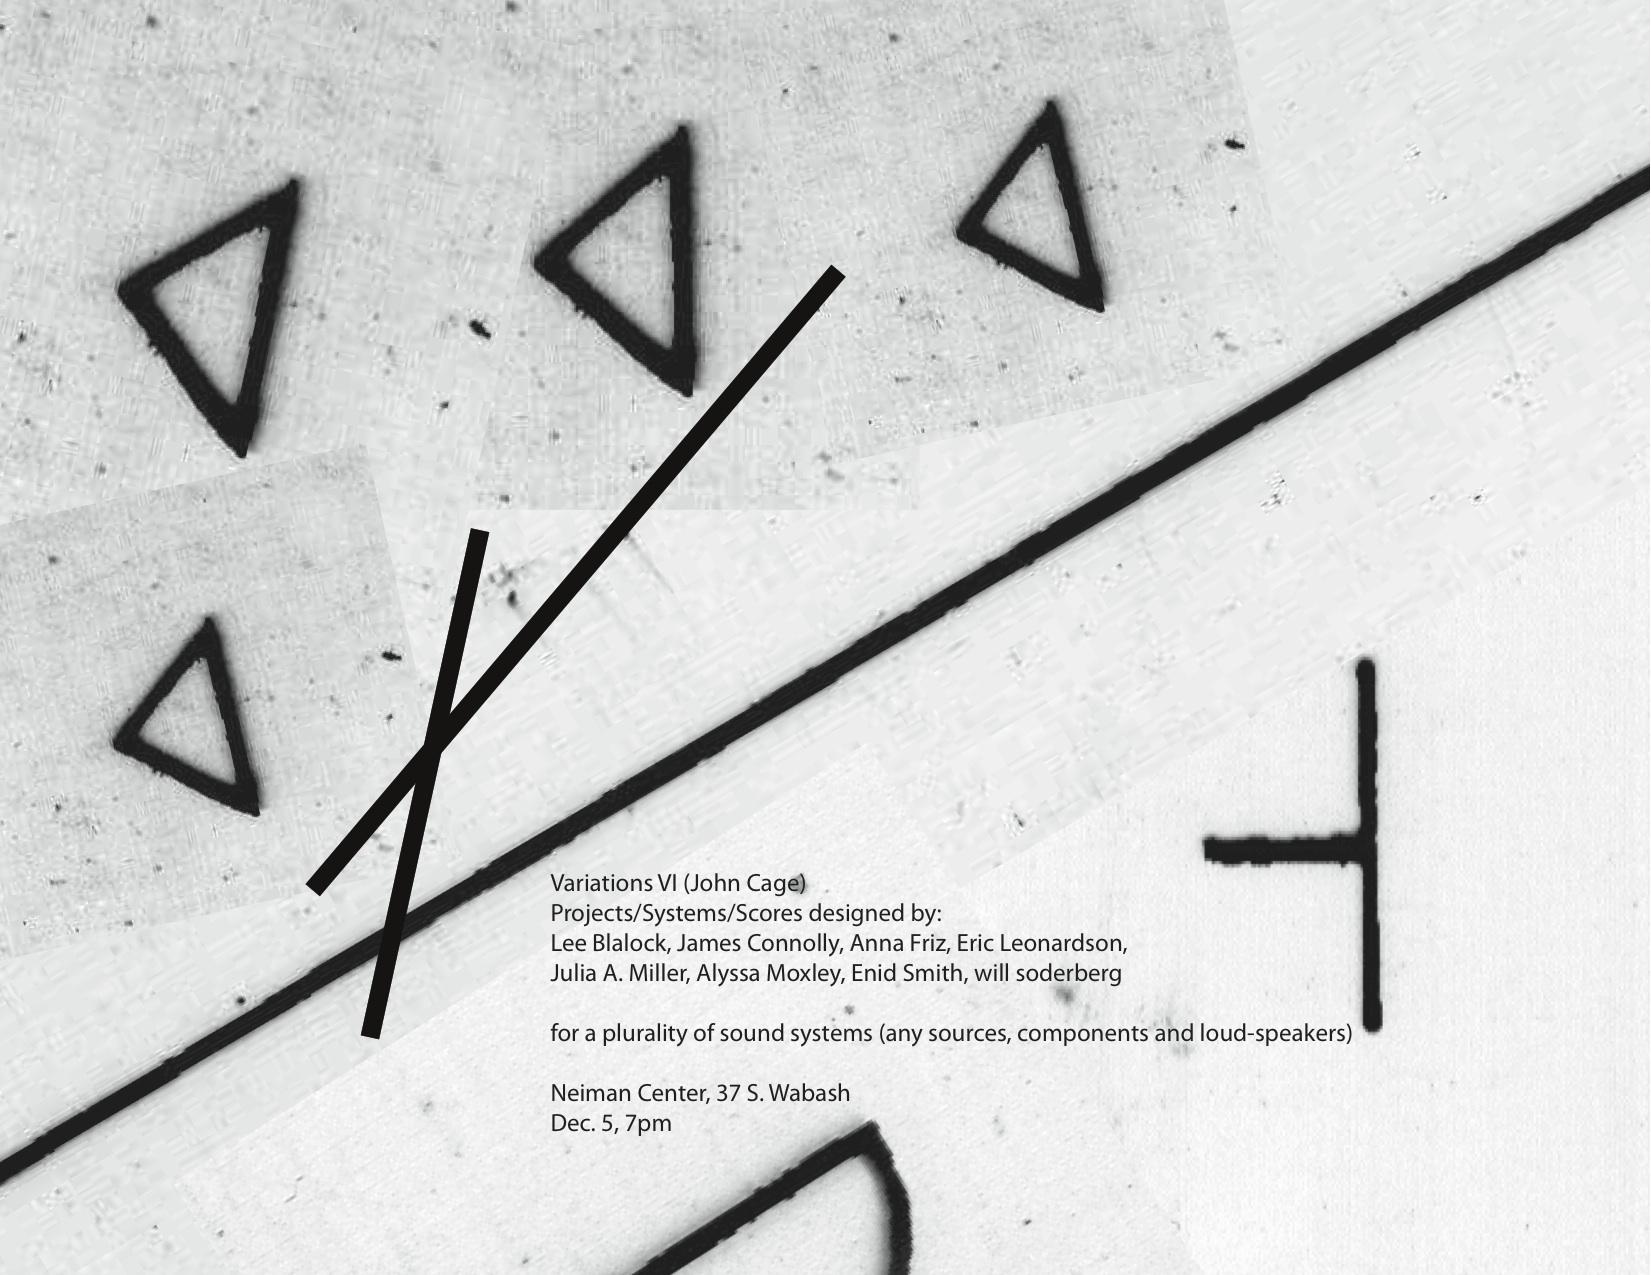 Variations VI poster